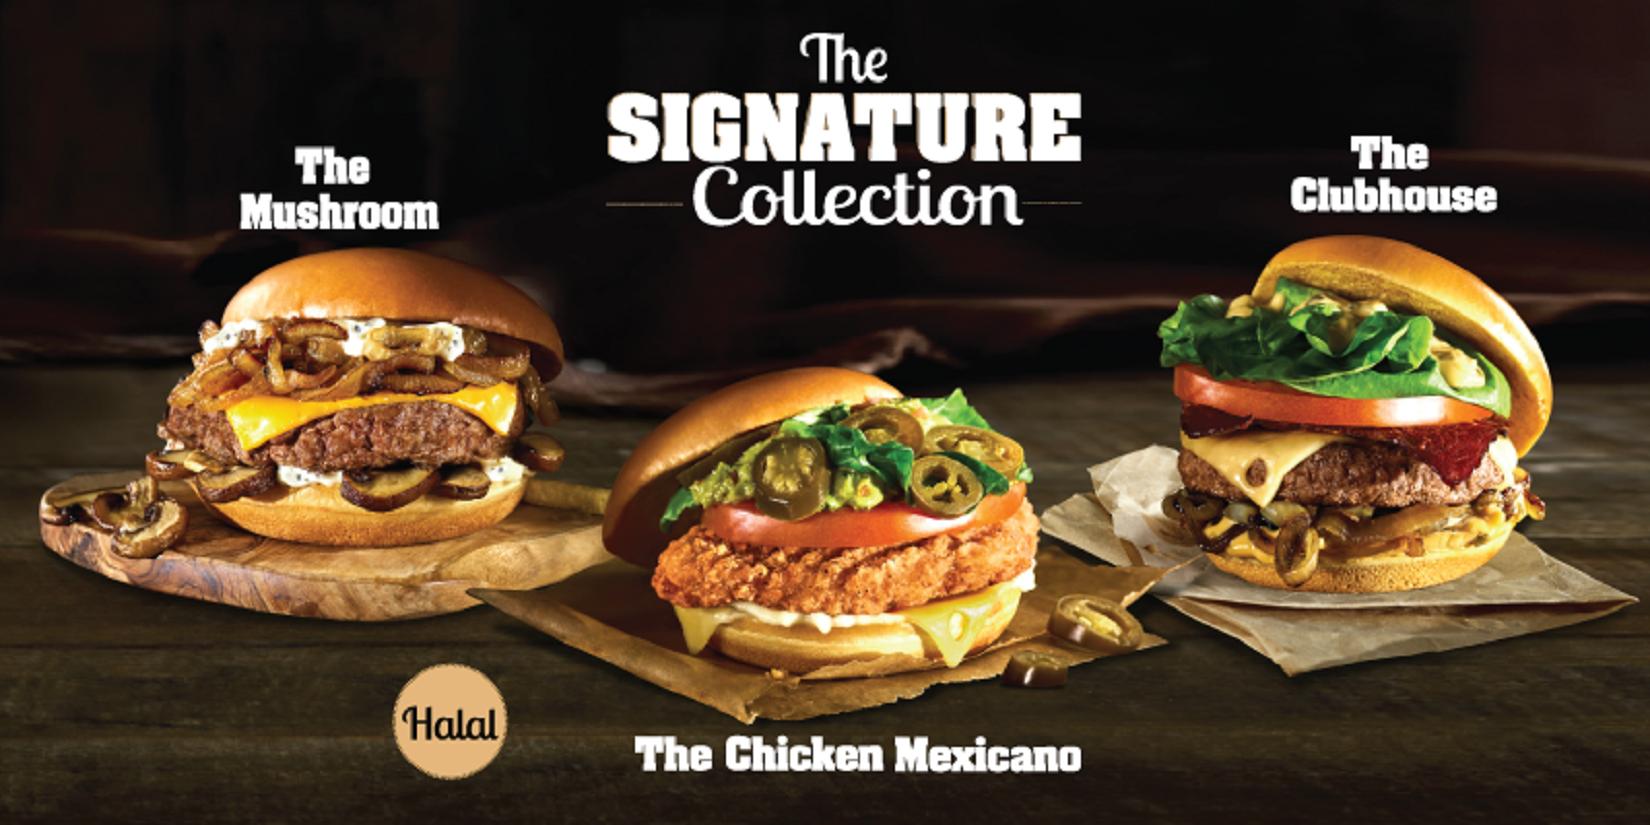 McDonald's'ın yeni koleksiyonu ve reklam filmi